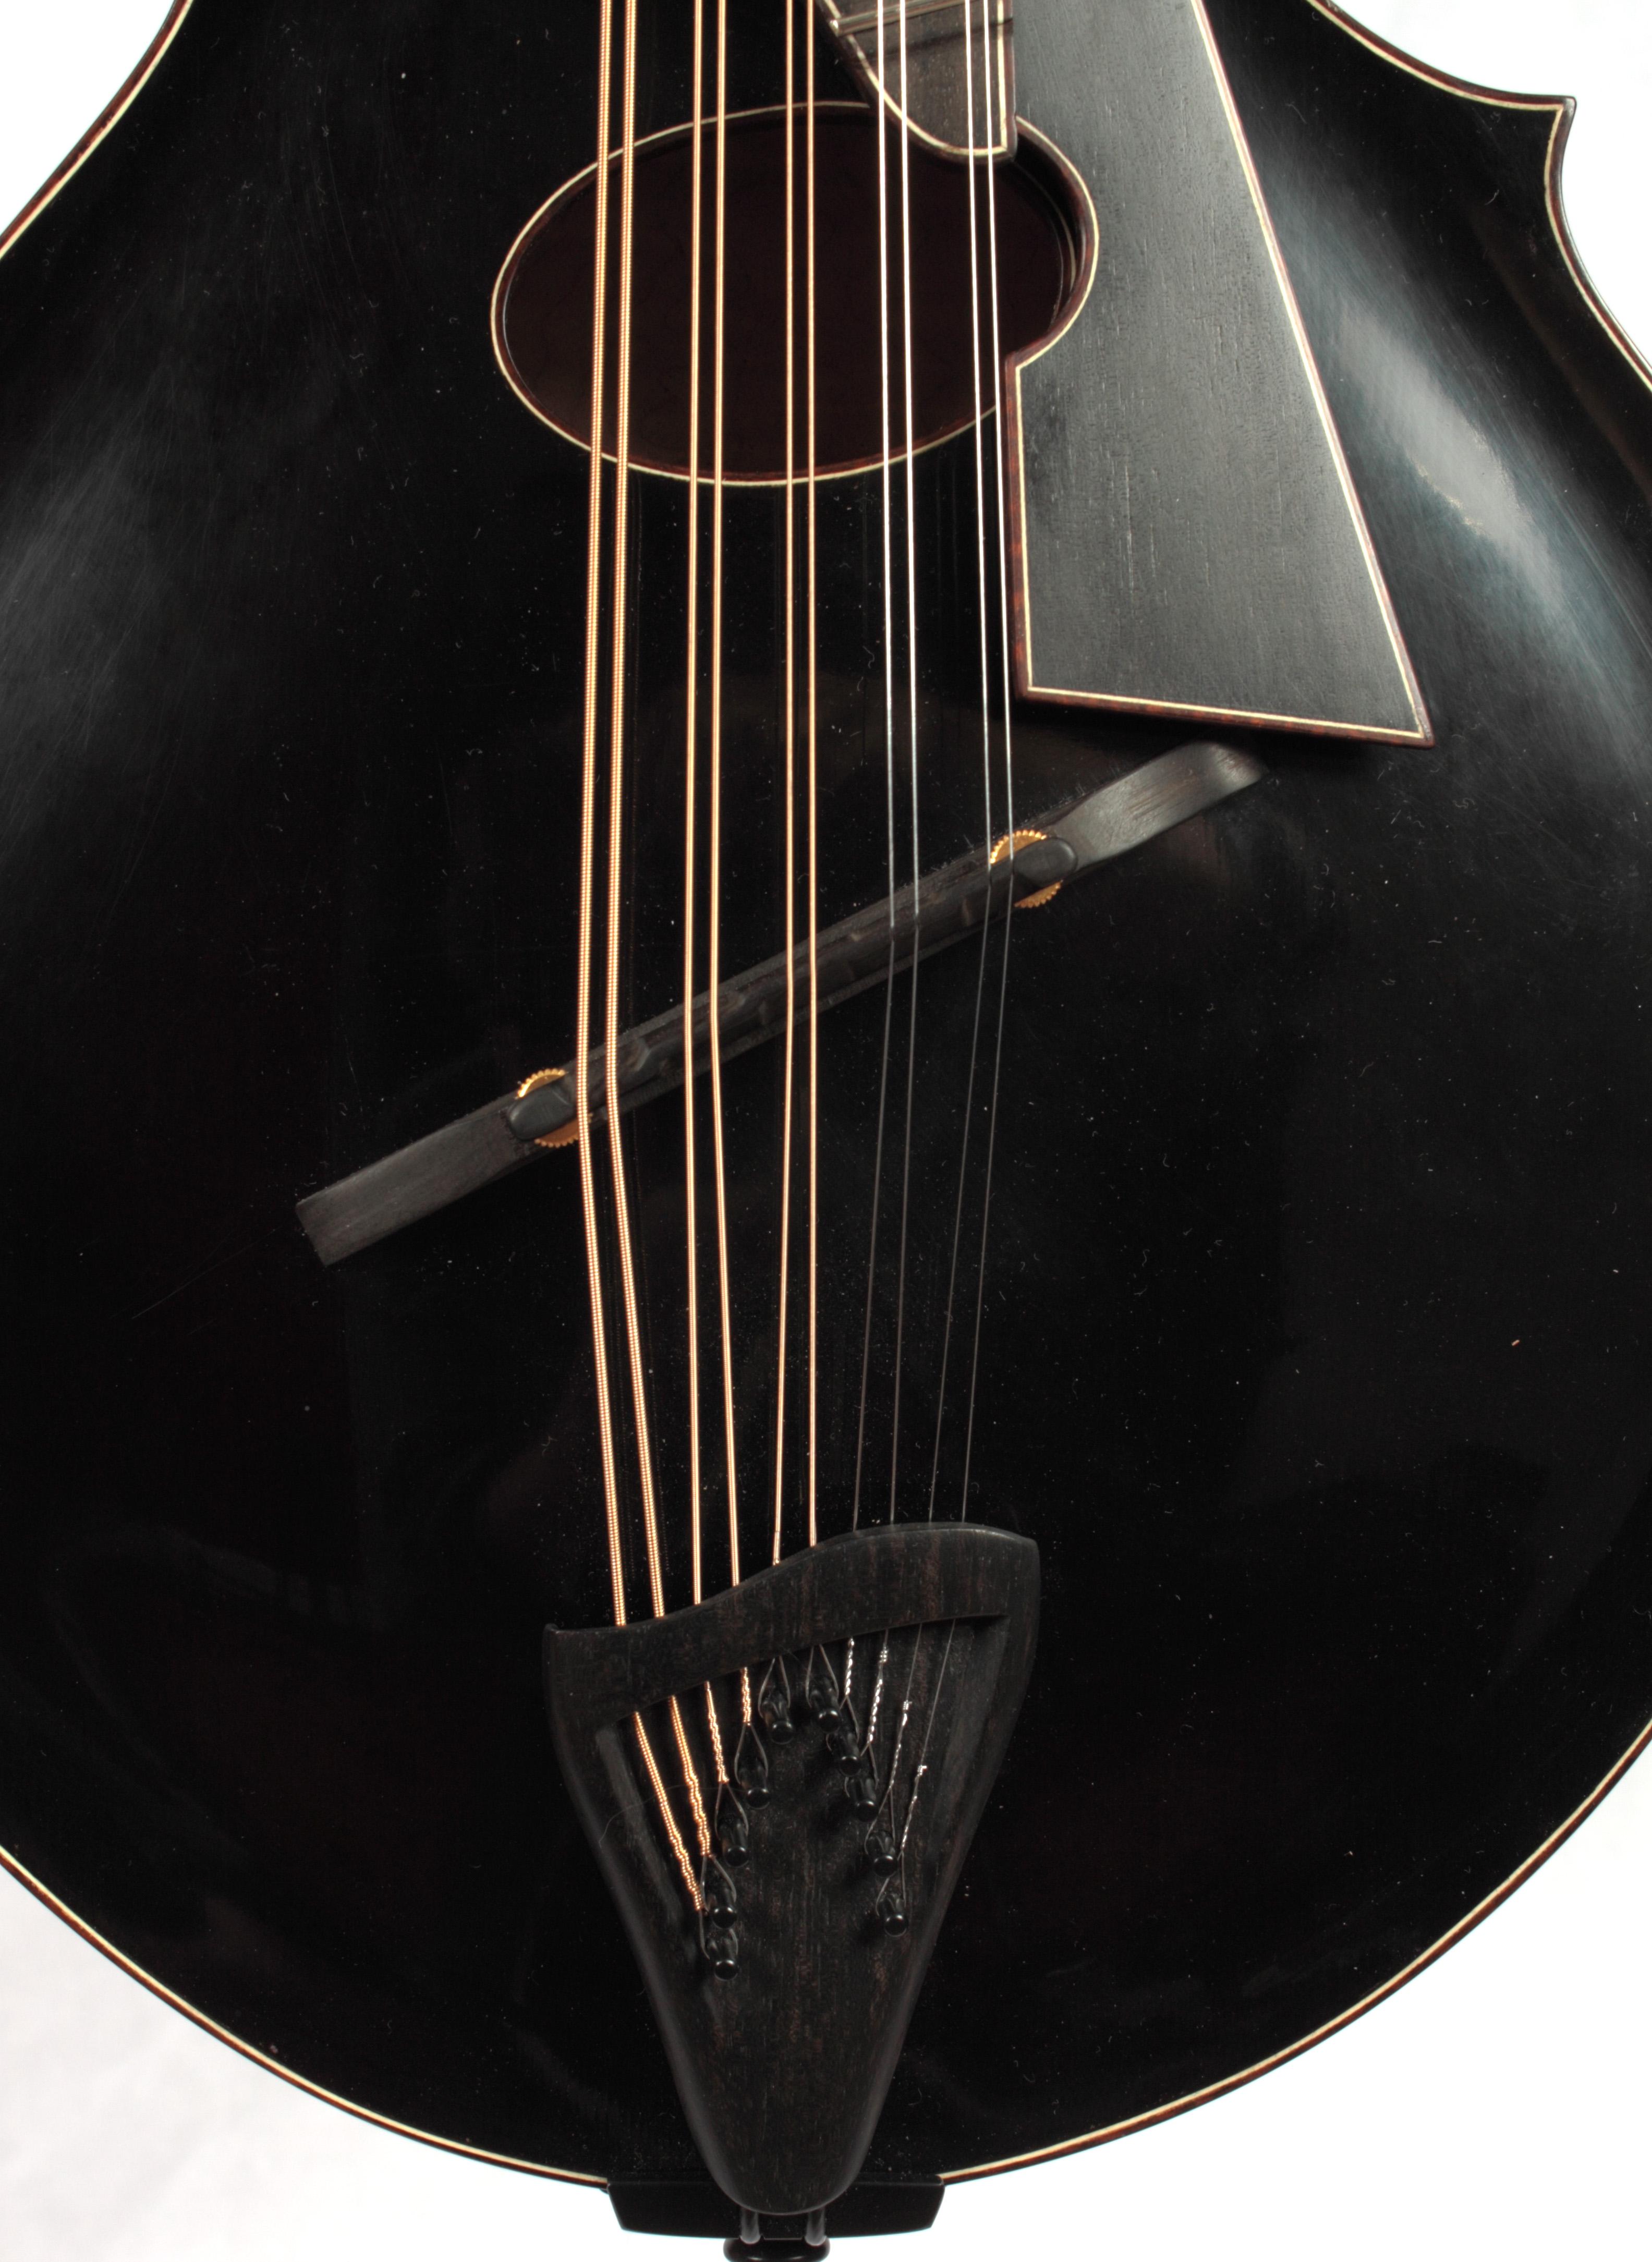 10 String 03